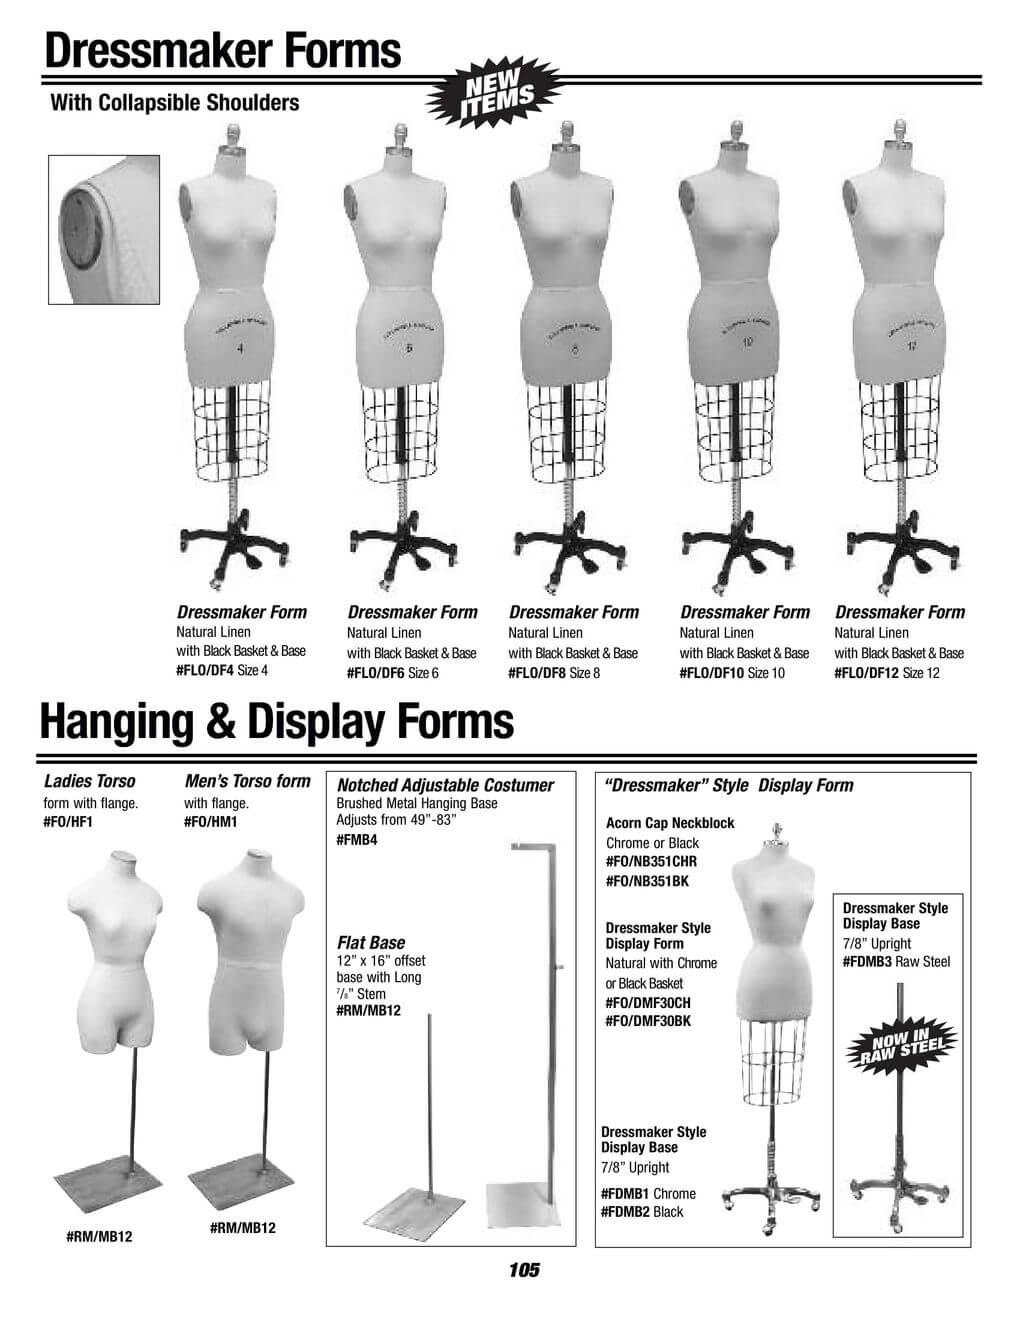 dressmaker forms